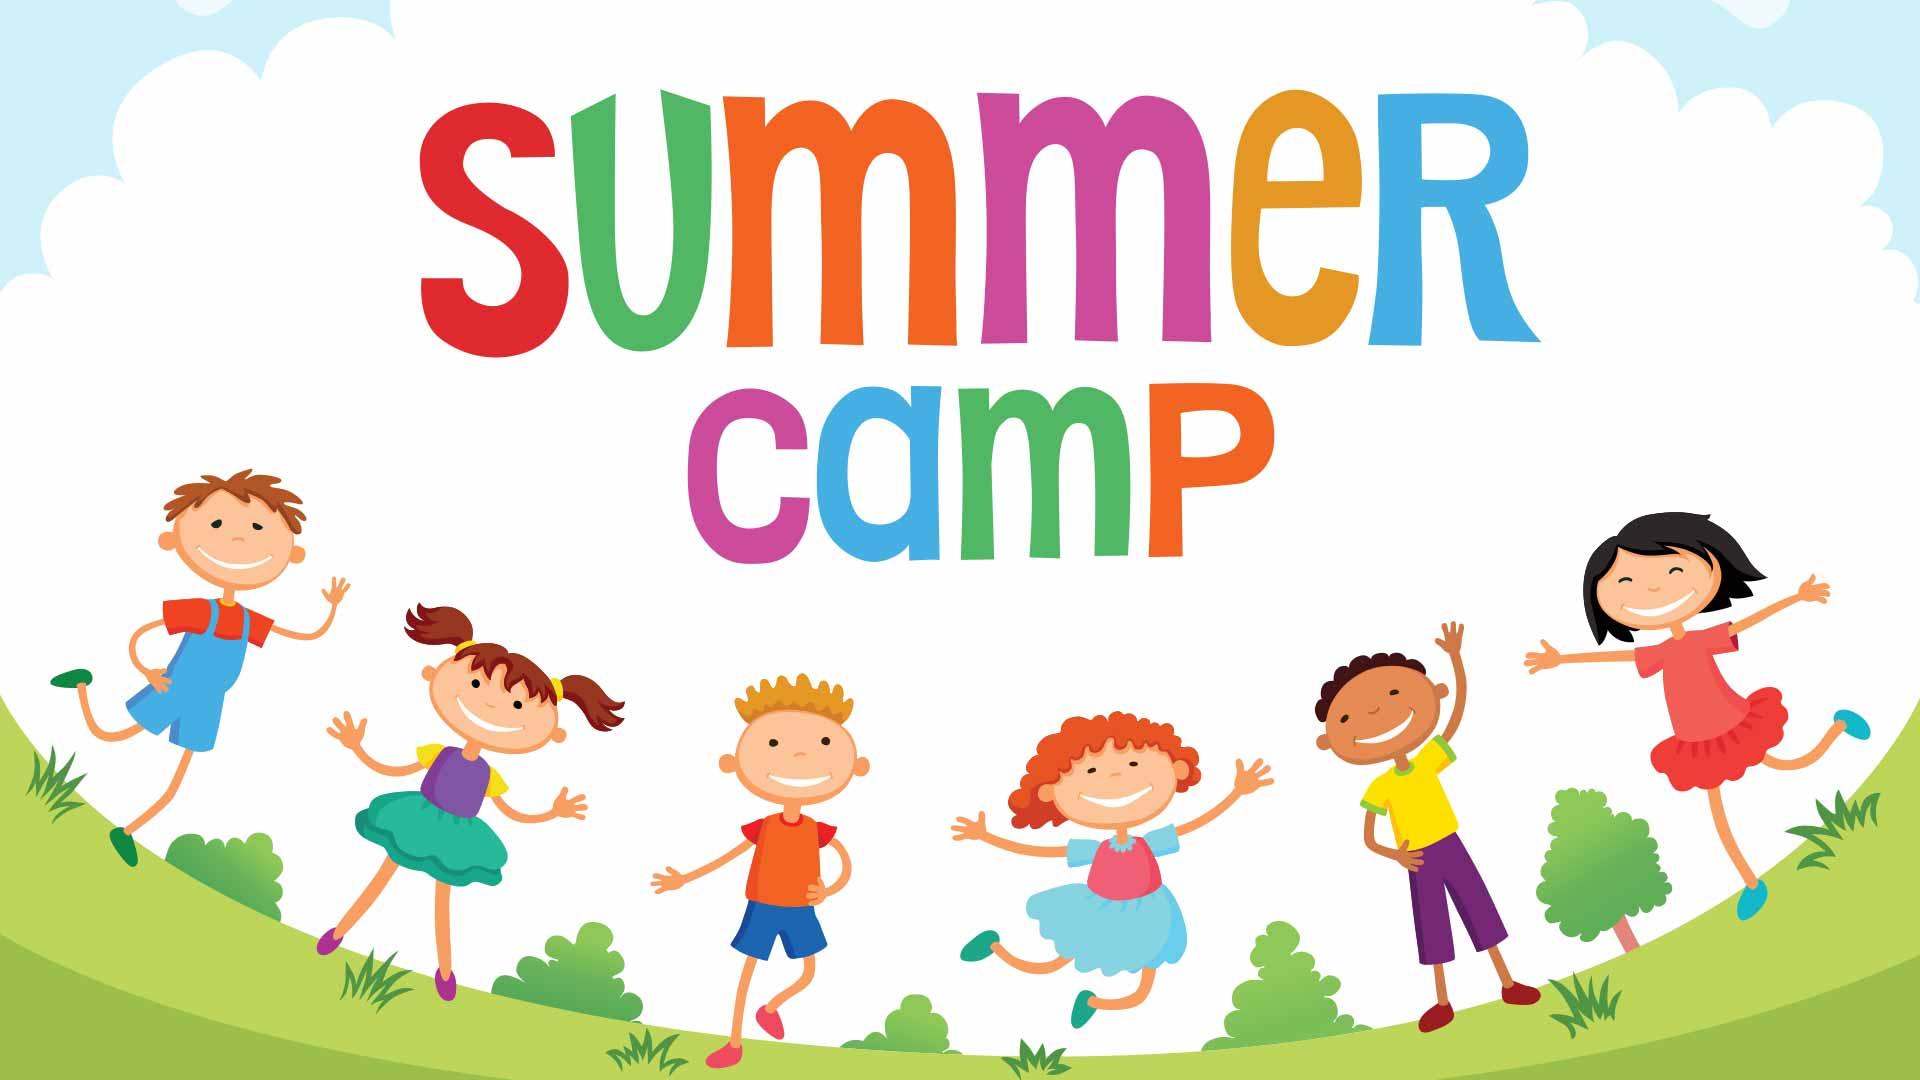 Séjour linguistique Summer camp : Pourquoi miser sur le summer camp ?